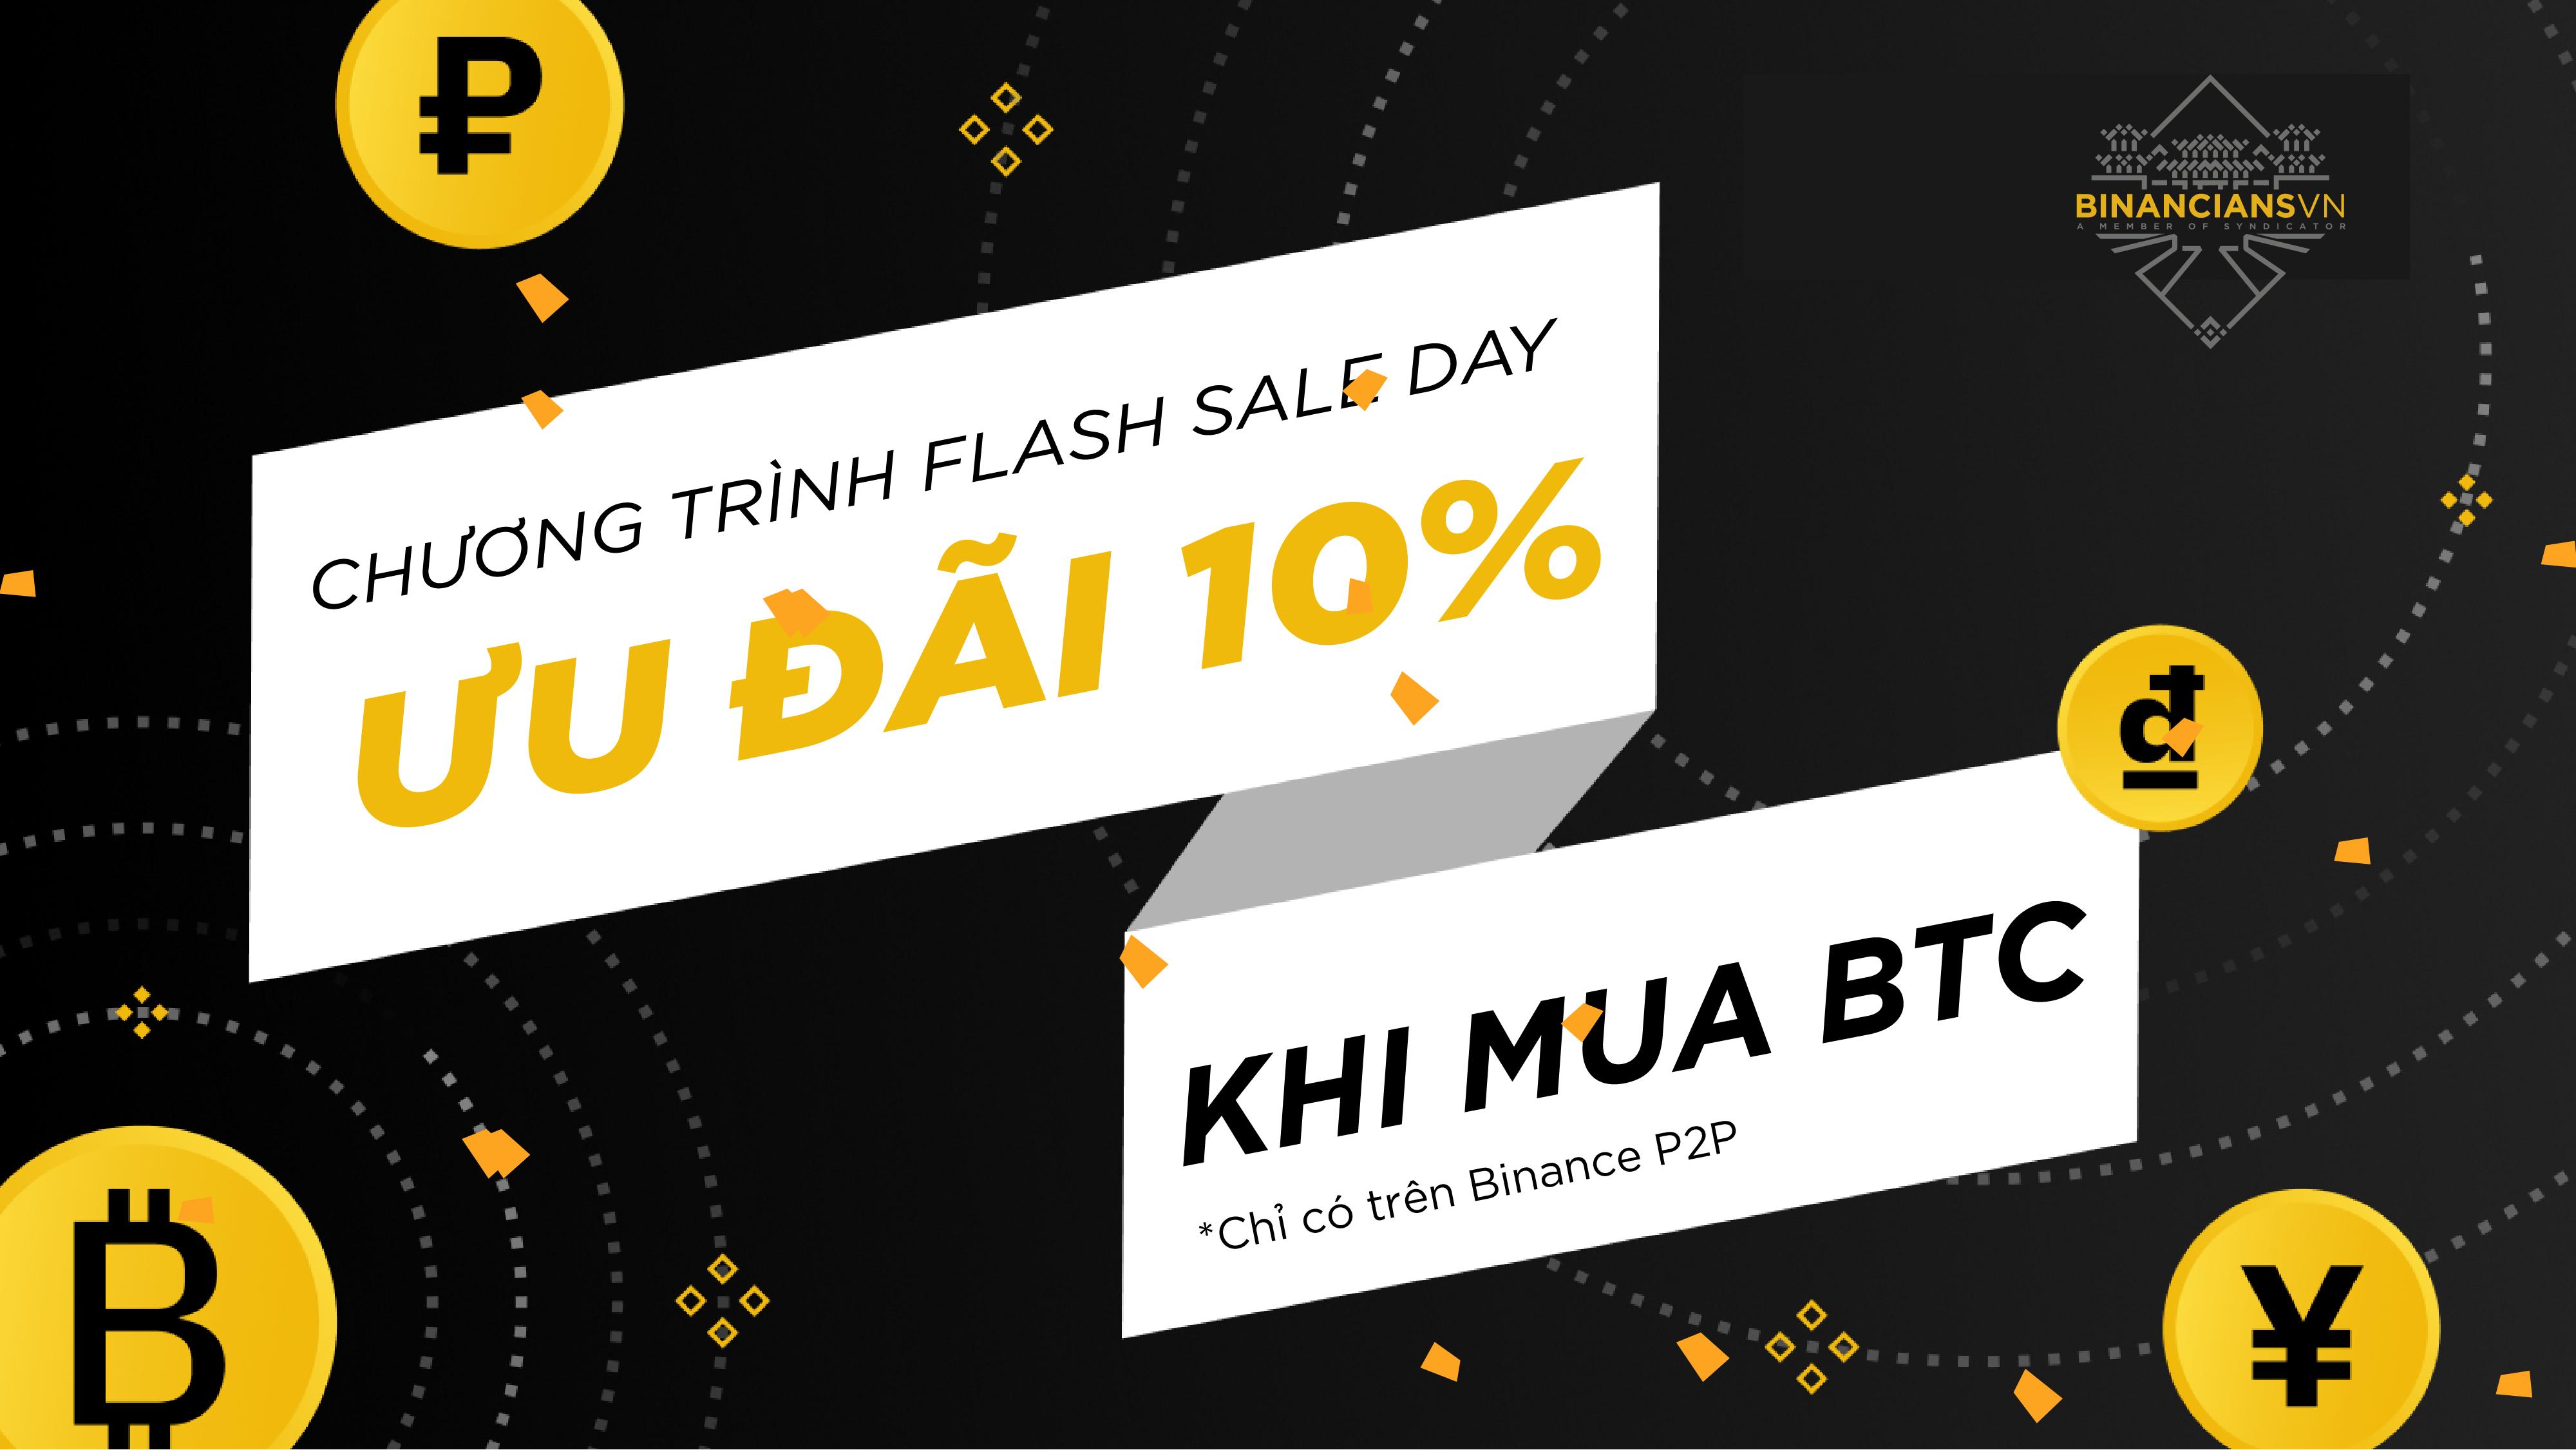 """Binance P2P """"Flash Sale Day"""" - Ưu đãi 10% khi mua BTC- syndicator"""